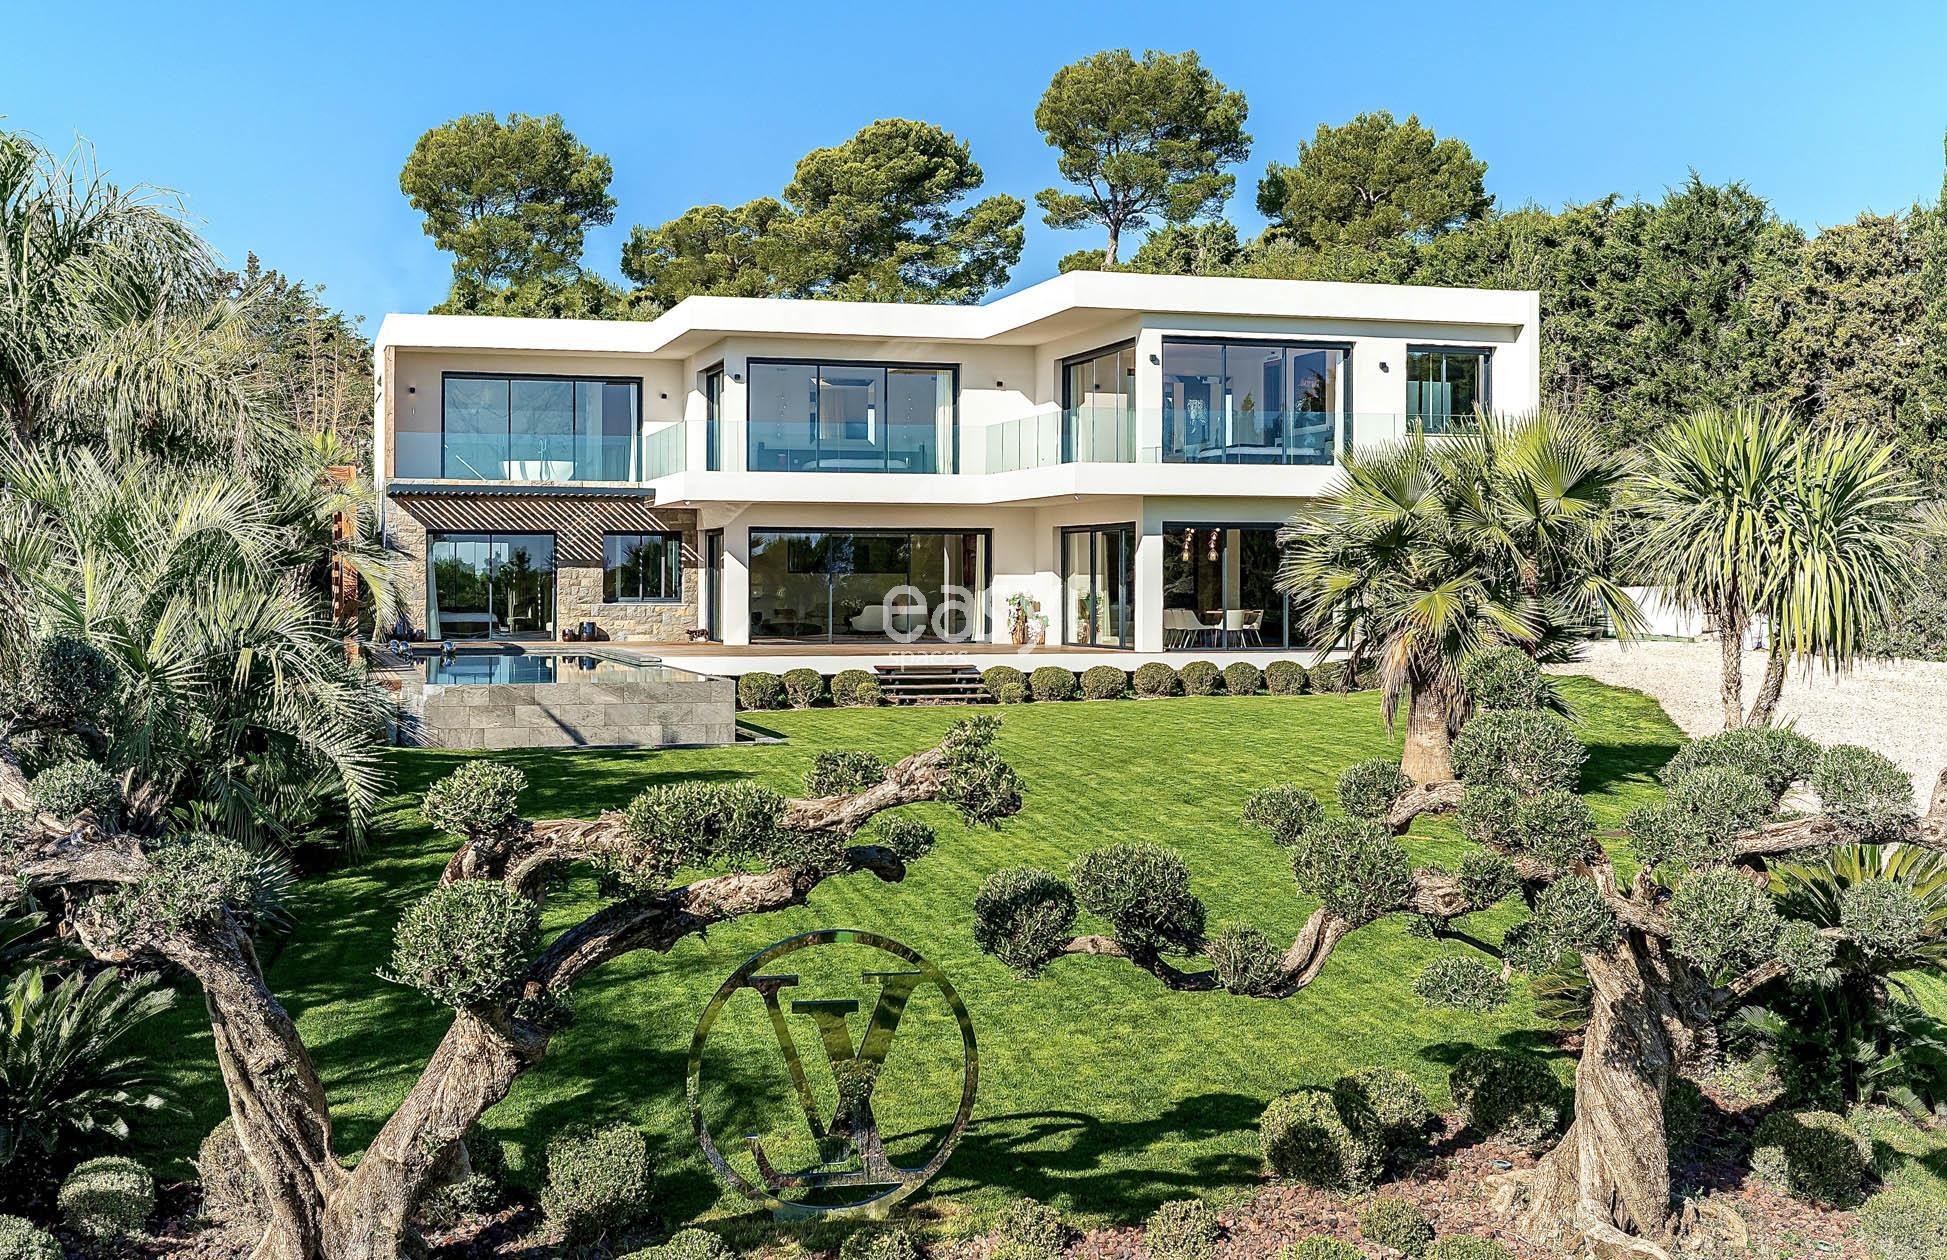 Location Villa Contemporaine Vue Mer Pour Productions Photos Et